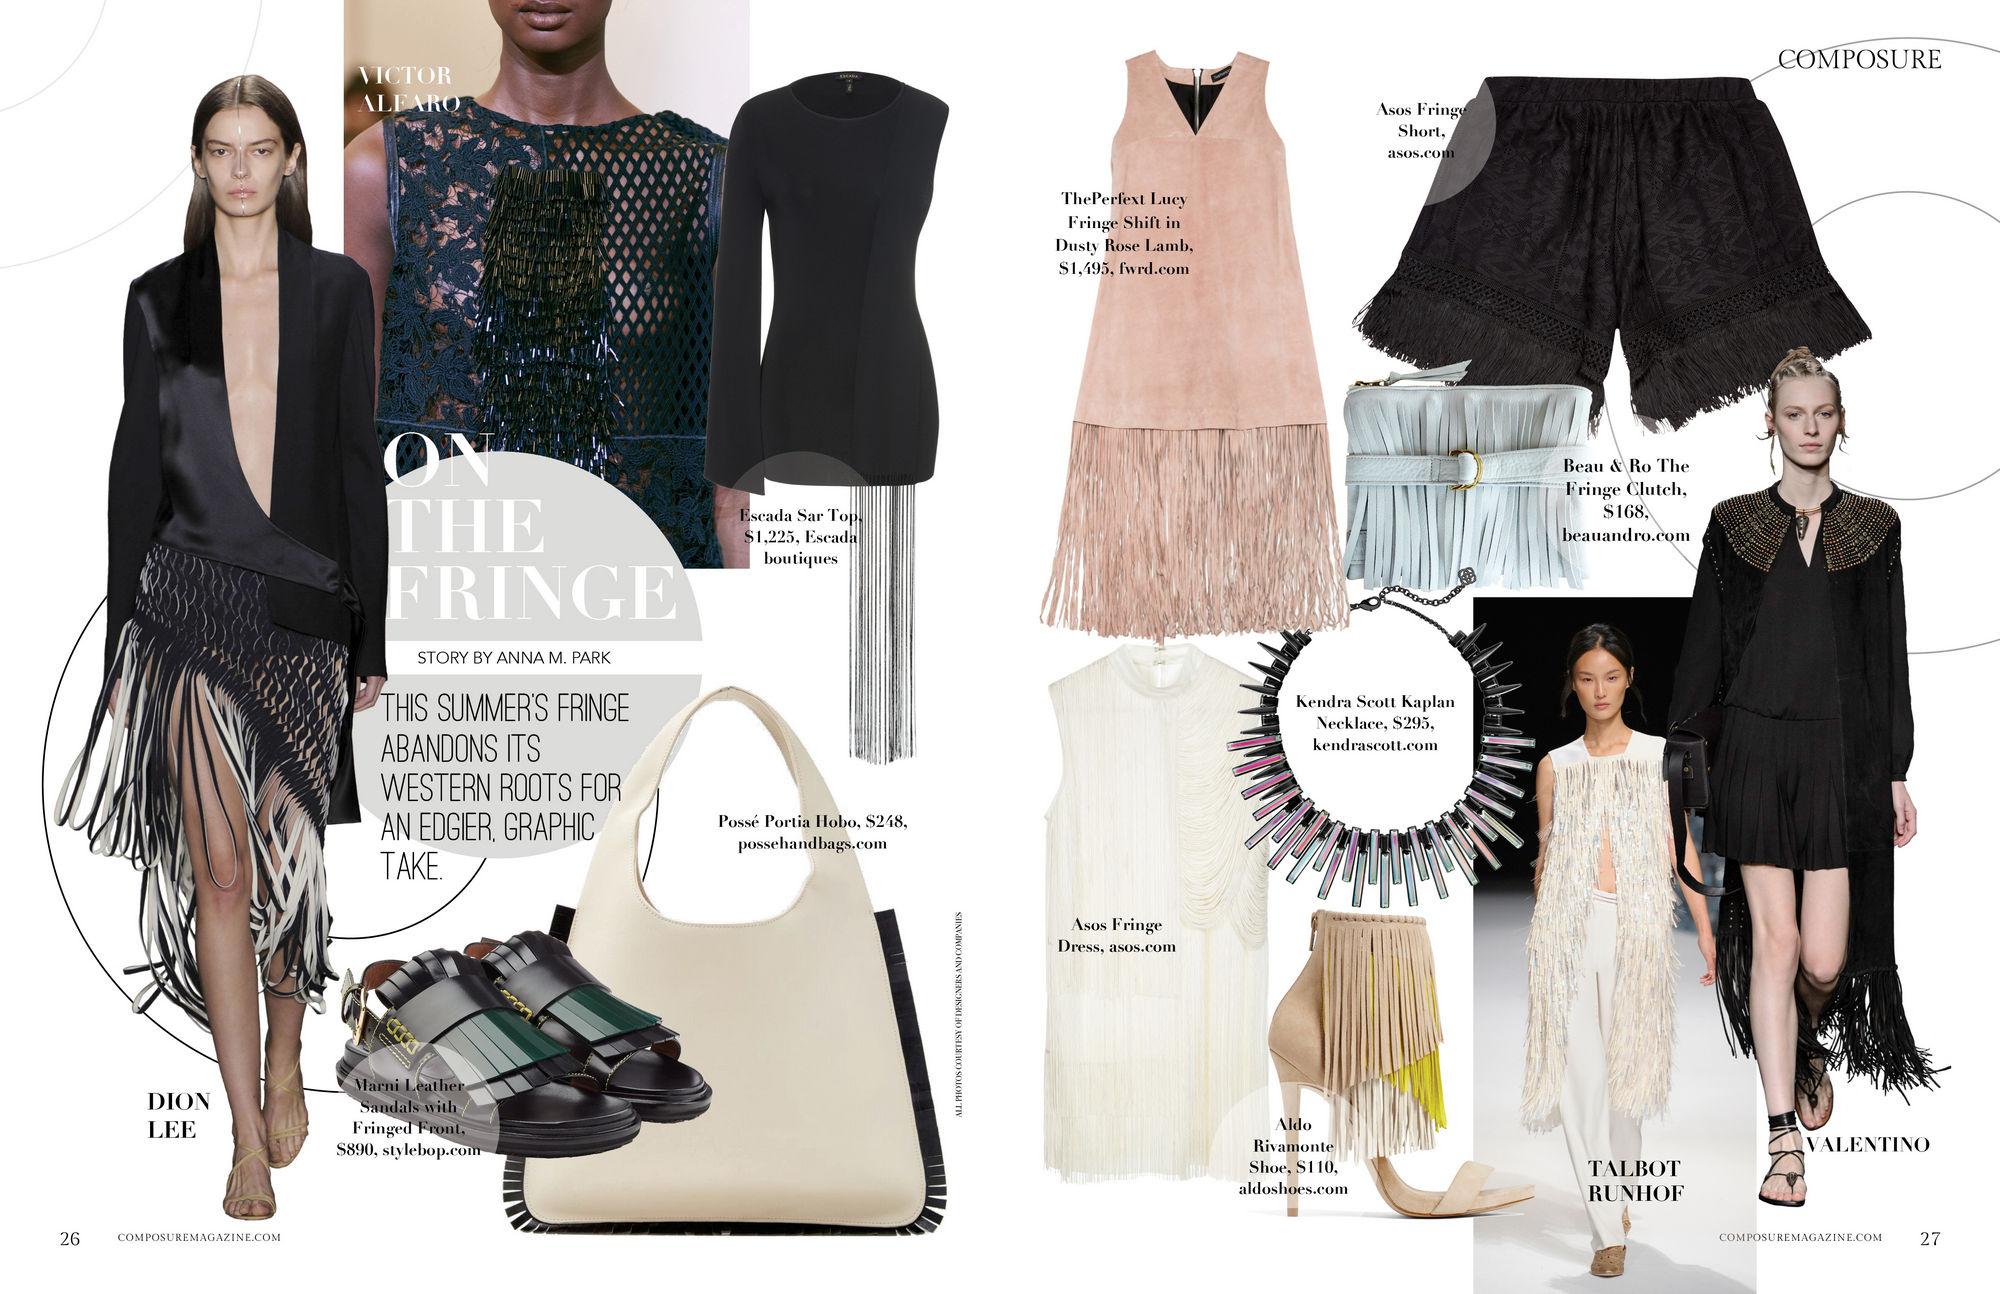 Fashion Magazine Layout Images